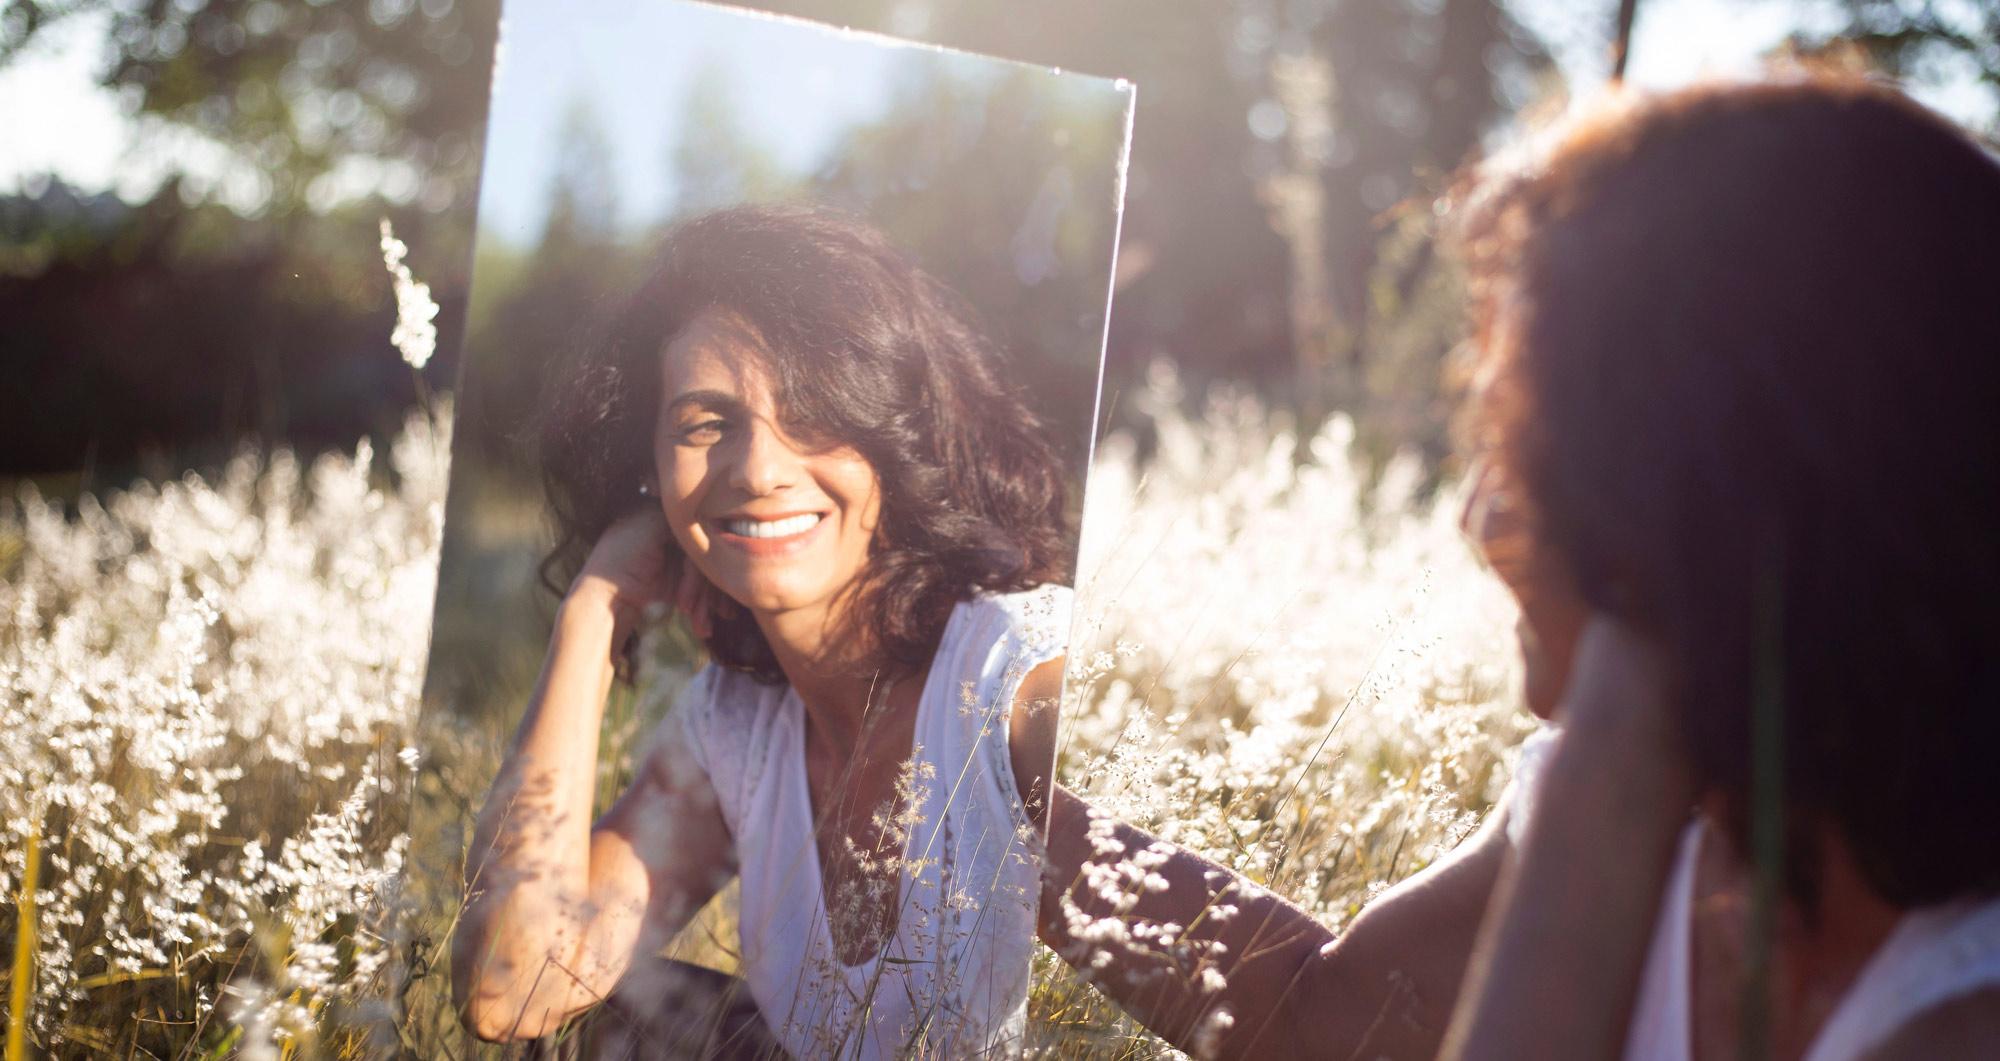 Zahnästhetik: Ein gesundes Lächeln, das wirkt.